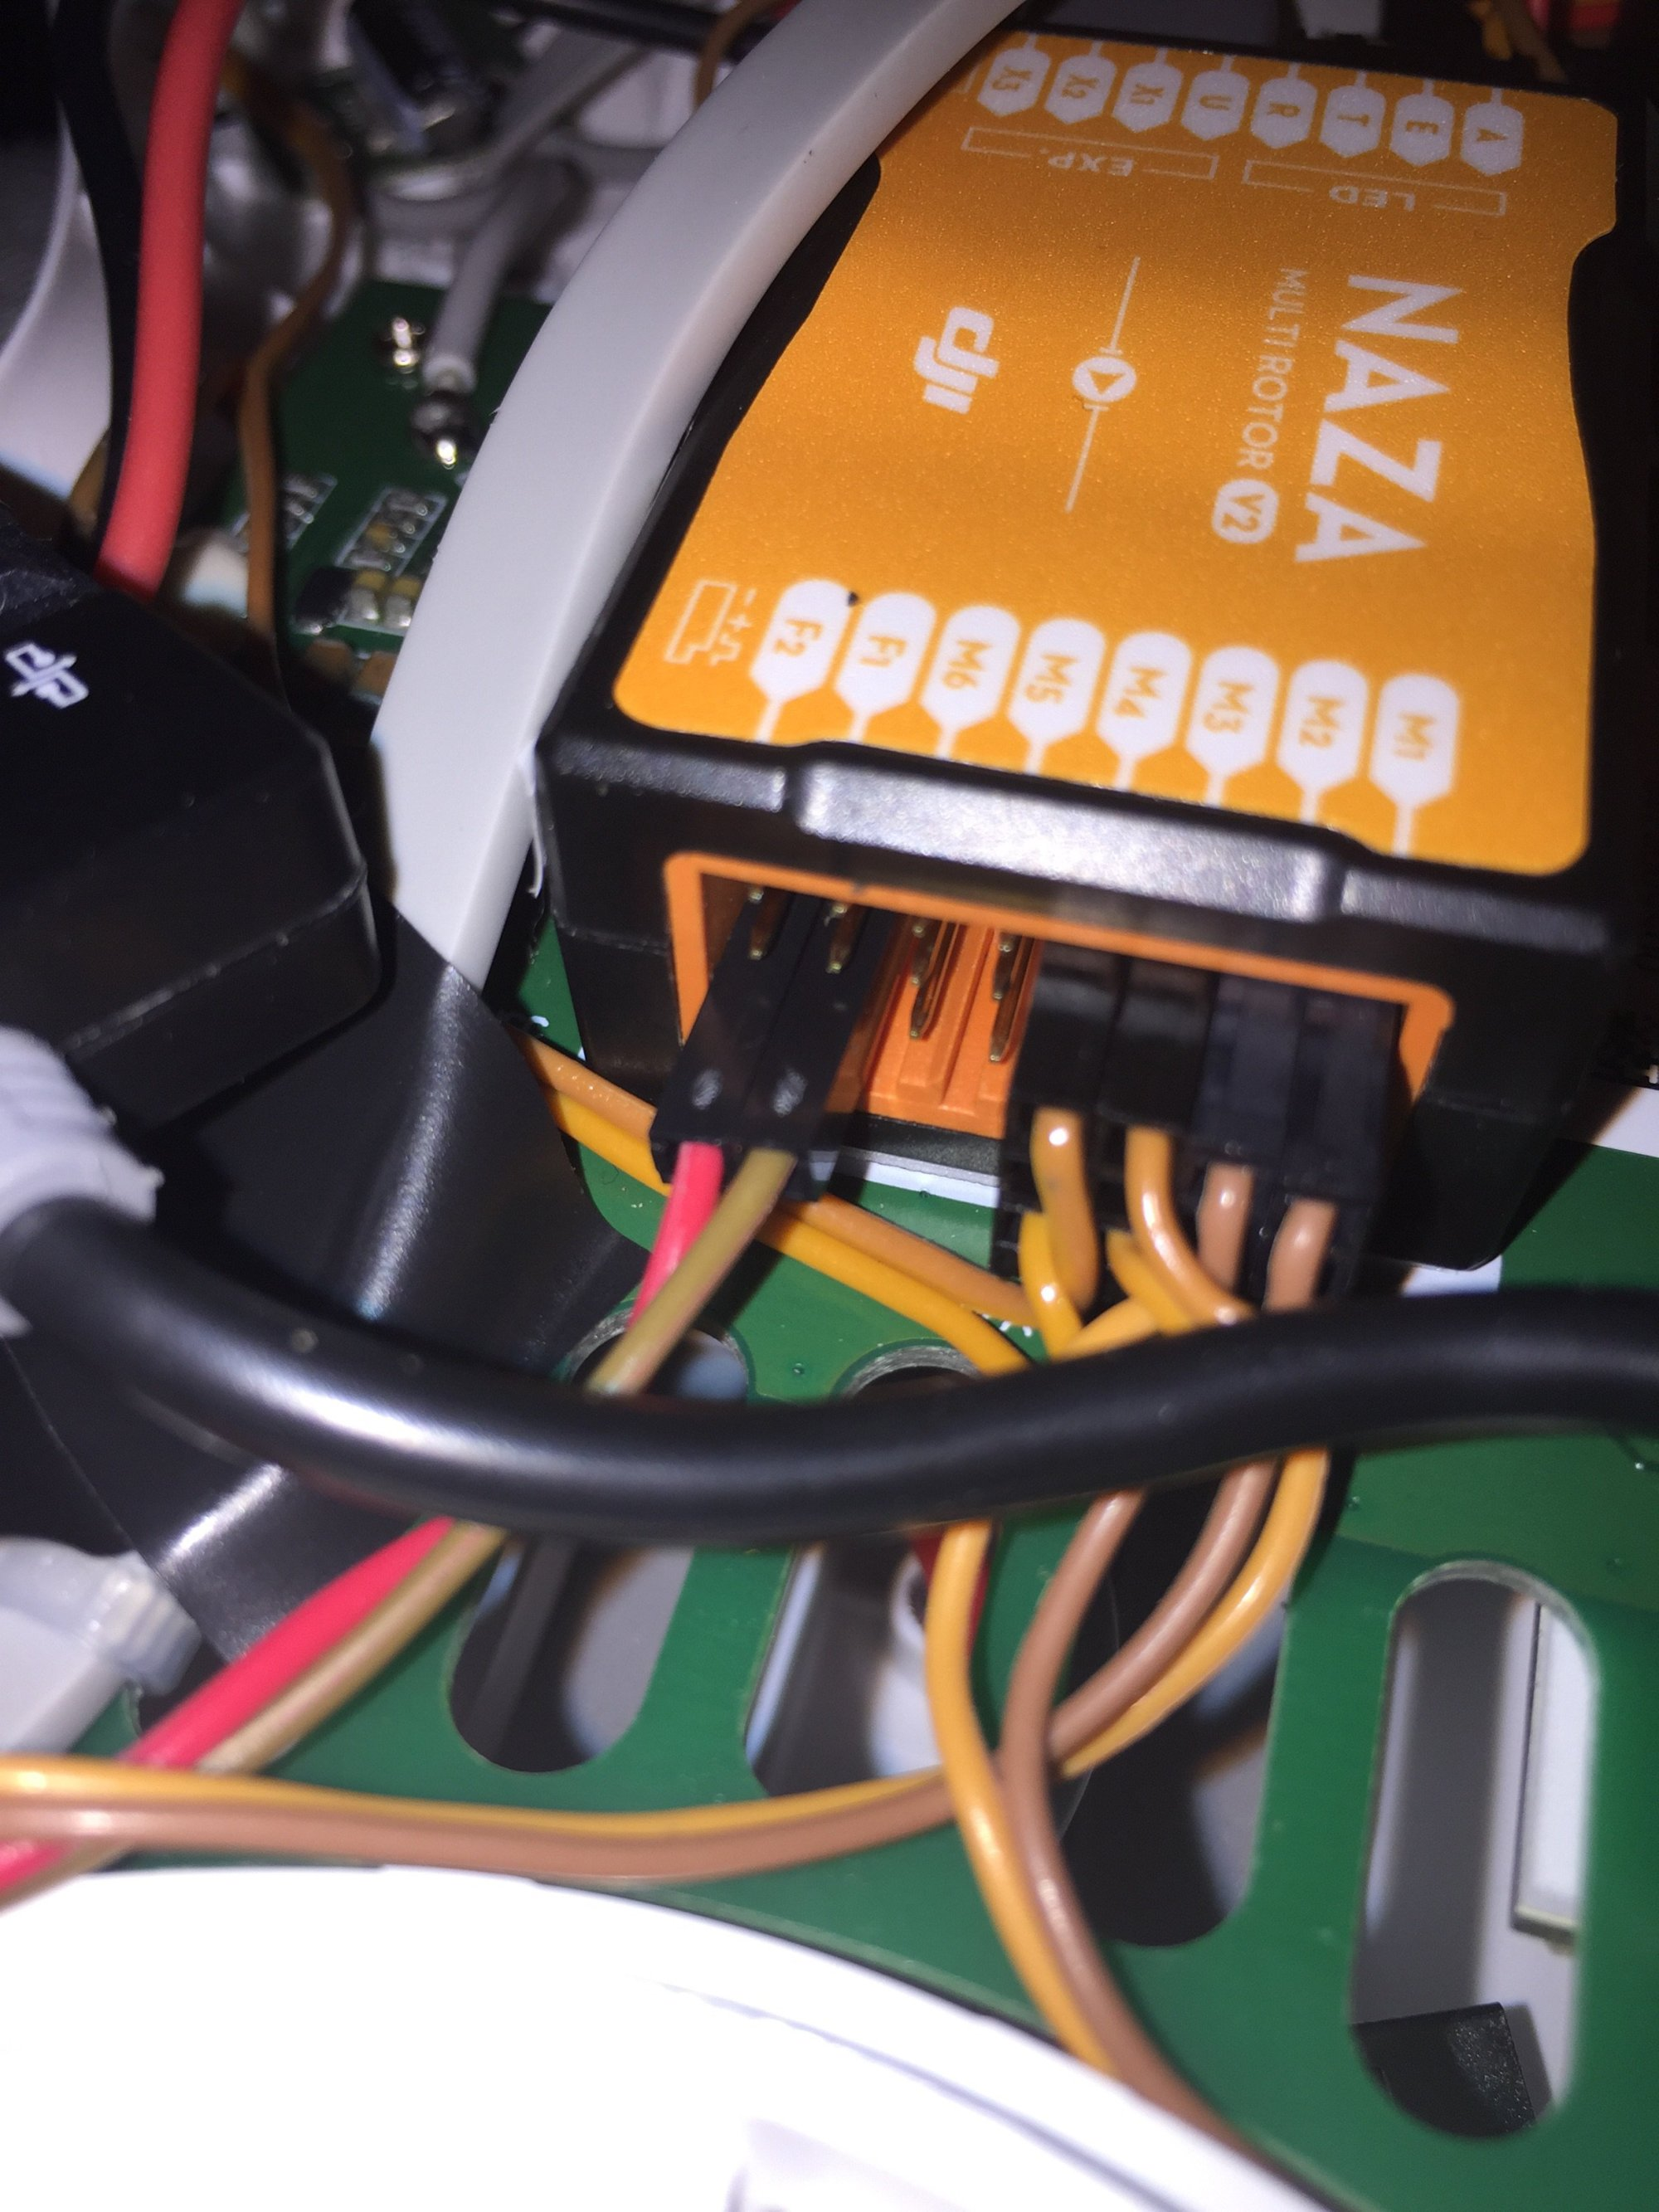 hight resolution of dji phantom naza m wiring wiring diagram for you suzuki wiring diagram gimbal naza wiring diagram